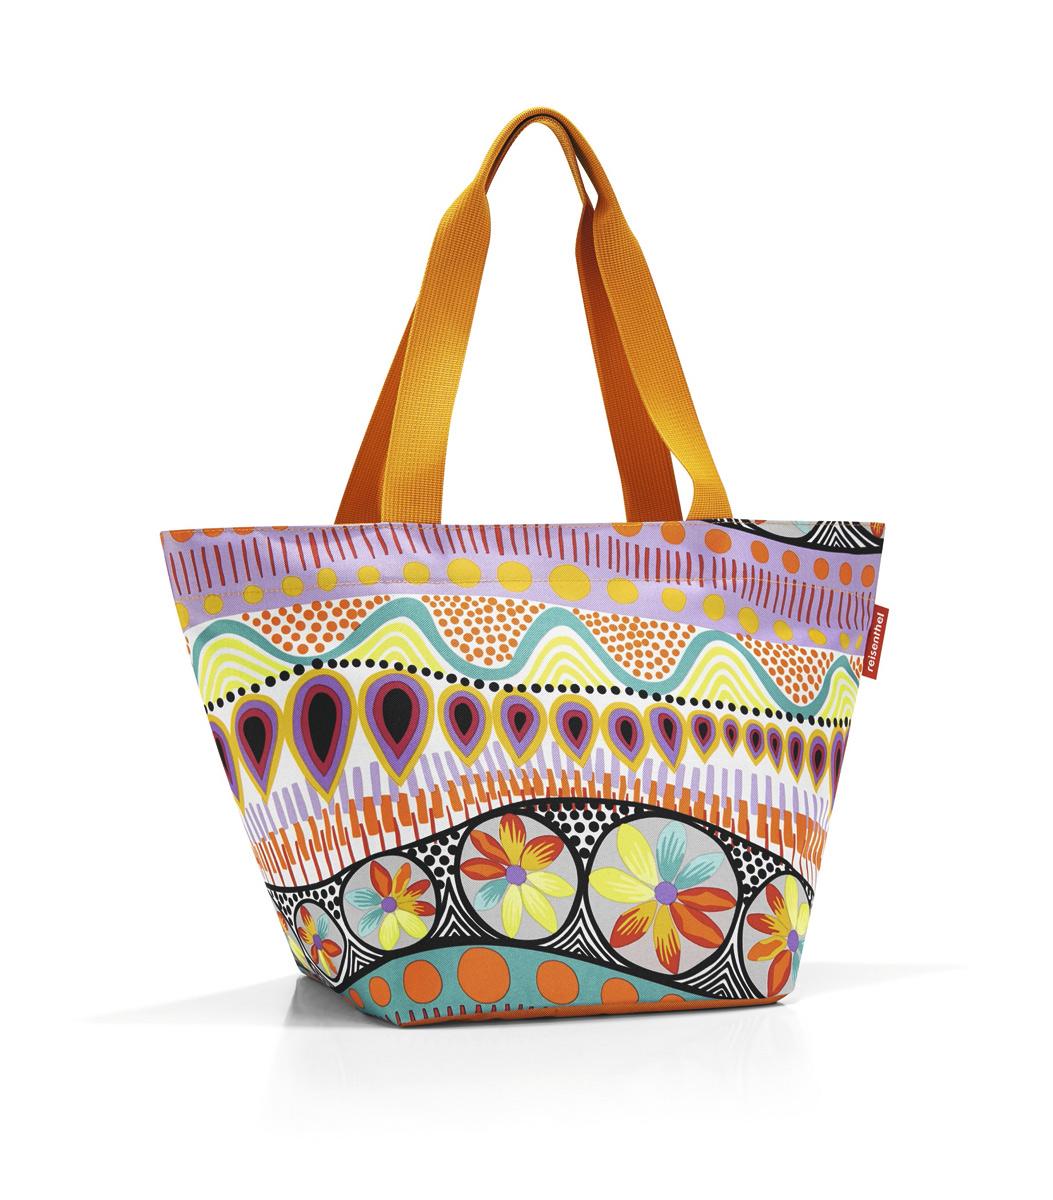 Сумка жен. Reisenthel, цвет: оранжевый. ZS2020ZS2020Отличная сумка для похода за продуктами: широкие удобные лямки распределяют нагрузку на плече, а объем 15 литров позволяет вместить всё самое нужное. Застегивается на молнию. Внутри - кармашек на молнии для мелочей. Специальное уплотненное днище для надежности.